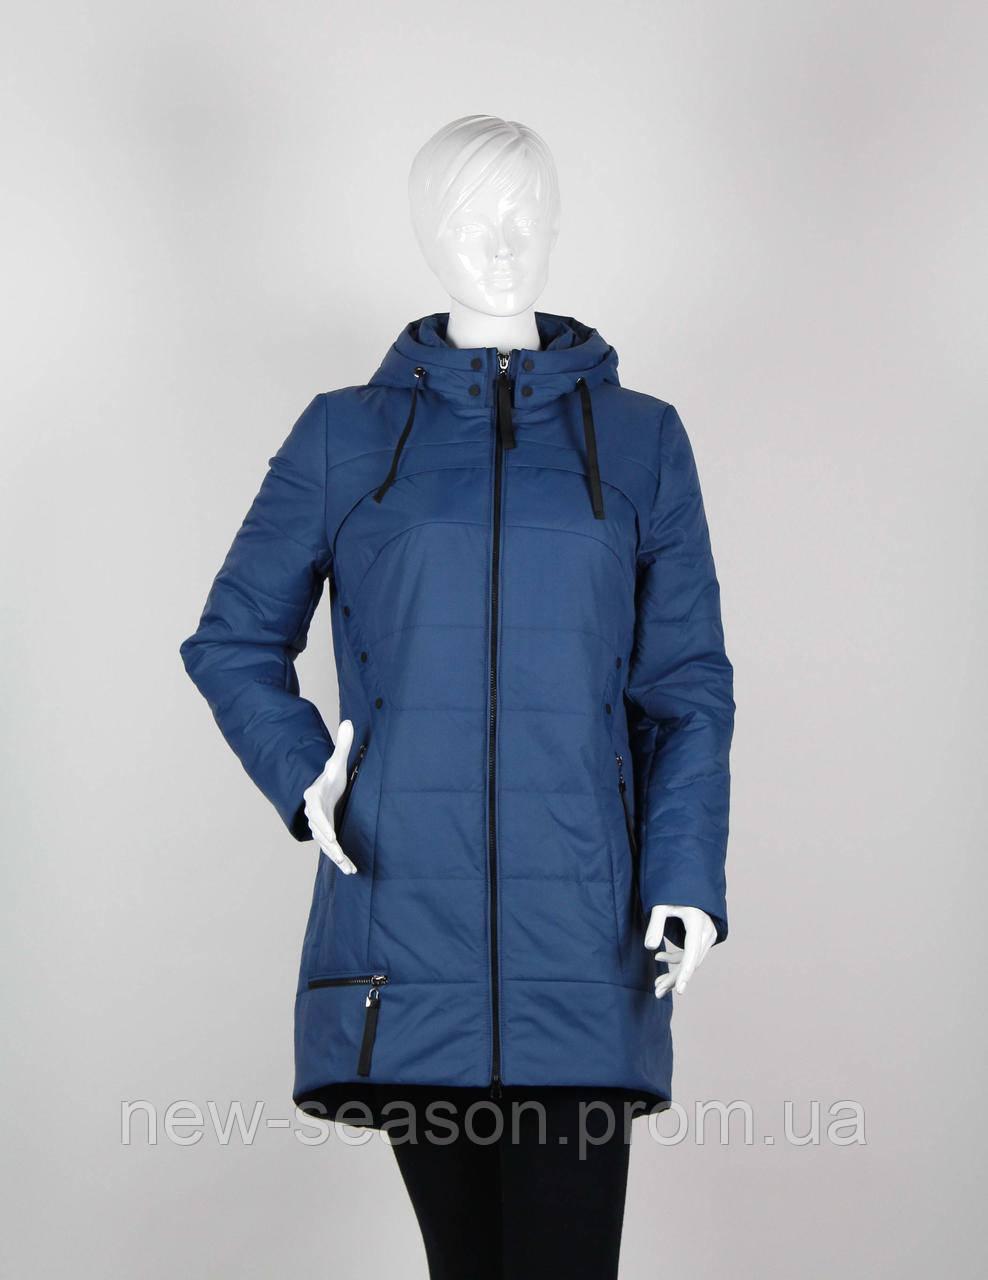 Куртка демисезонная Origa Фристайл синий